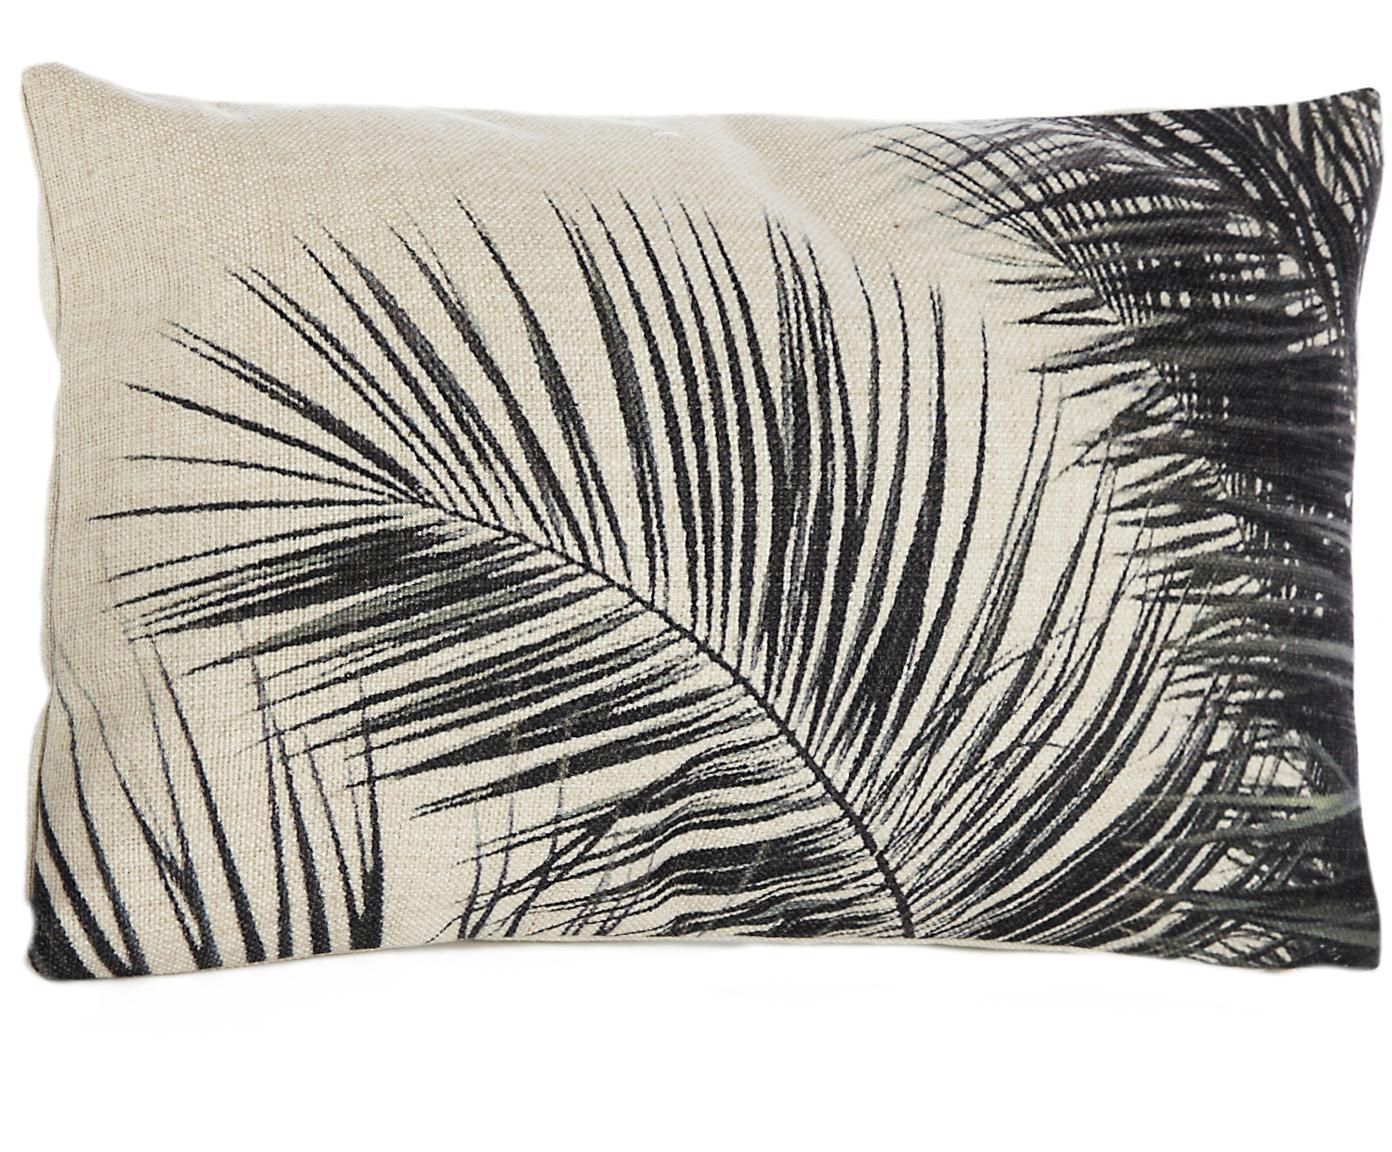 Kussenhoes Pesja met bladpatroon, 85% polyester, 15% katoen, Crèmekleurig, zwart, 30 x 50 cm